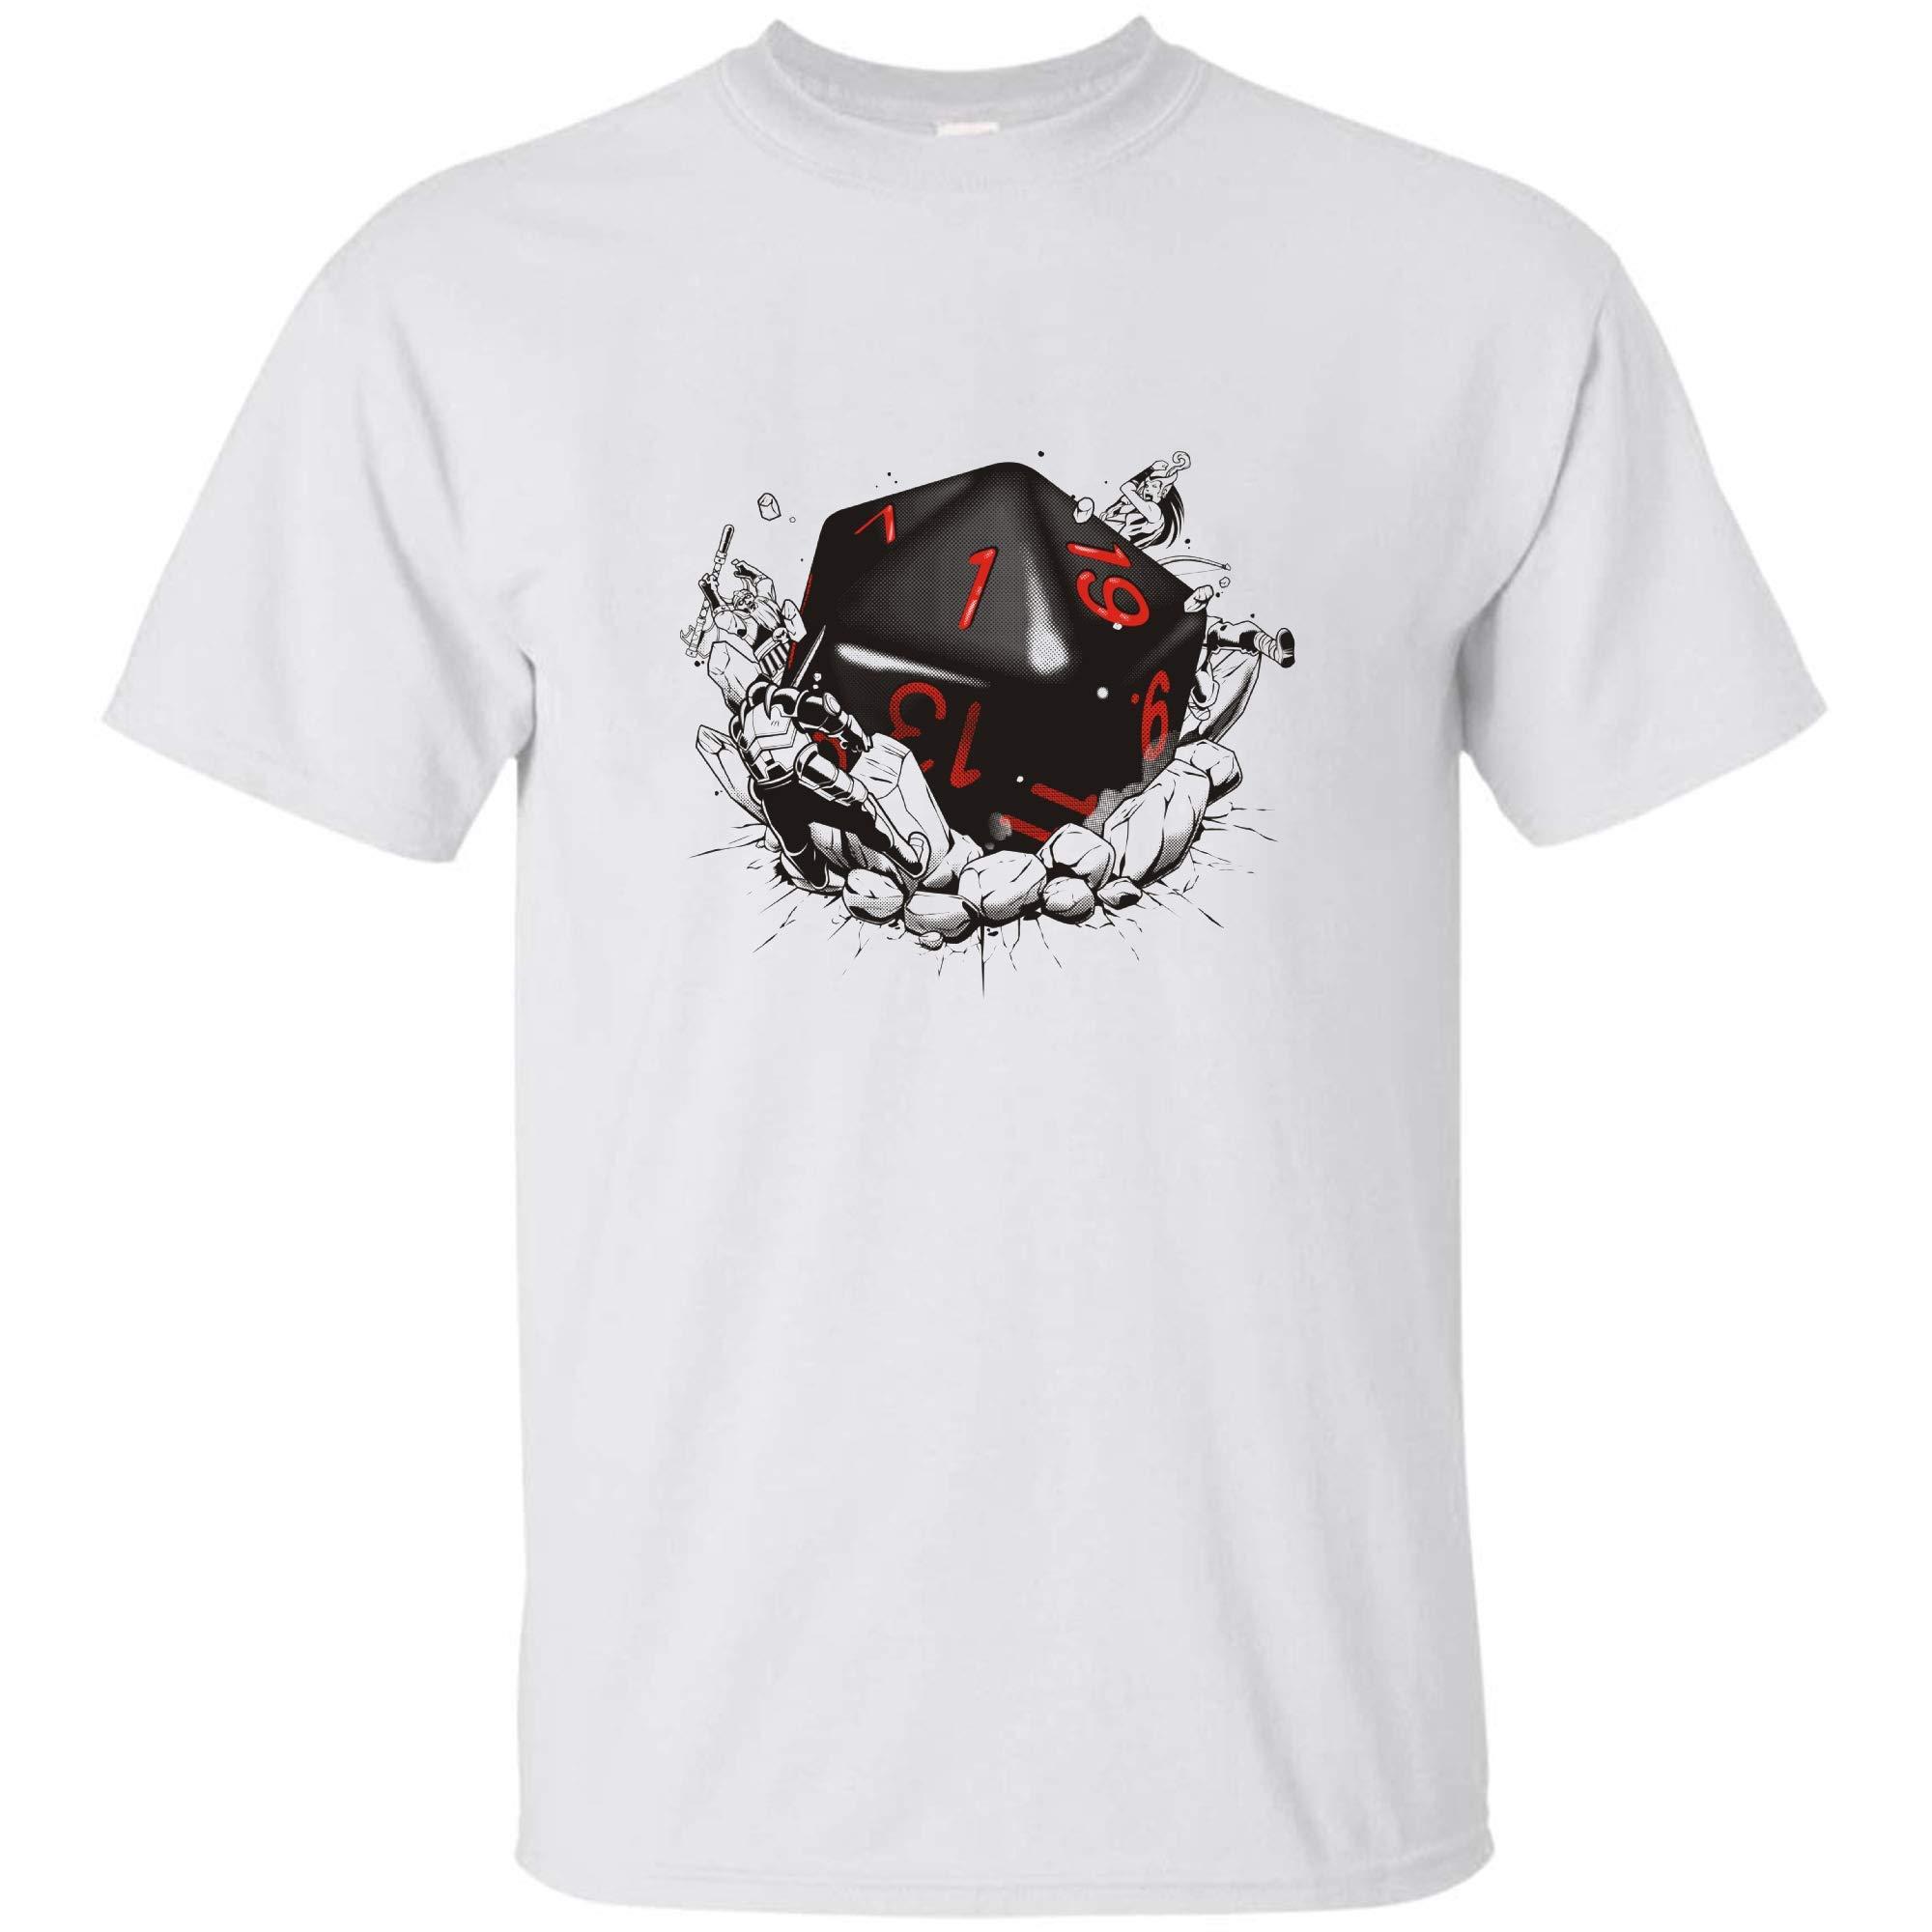 For Unisex Shirts